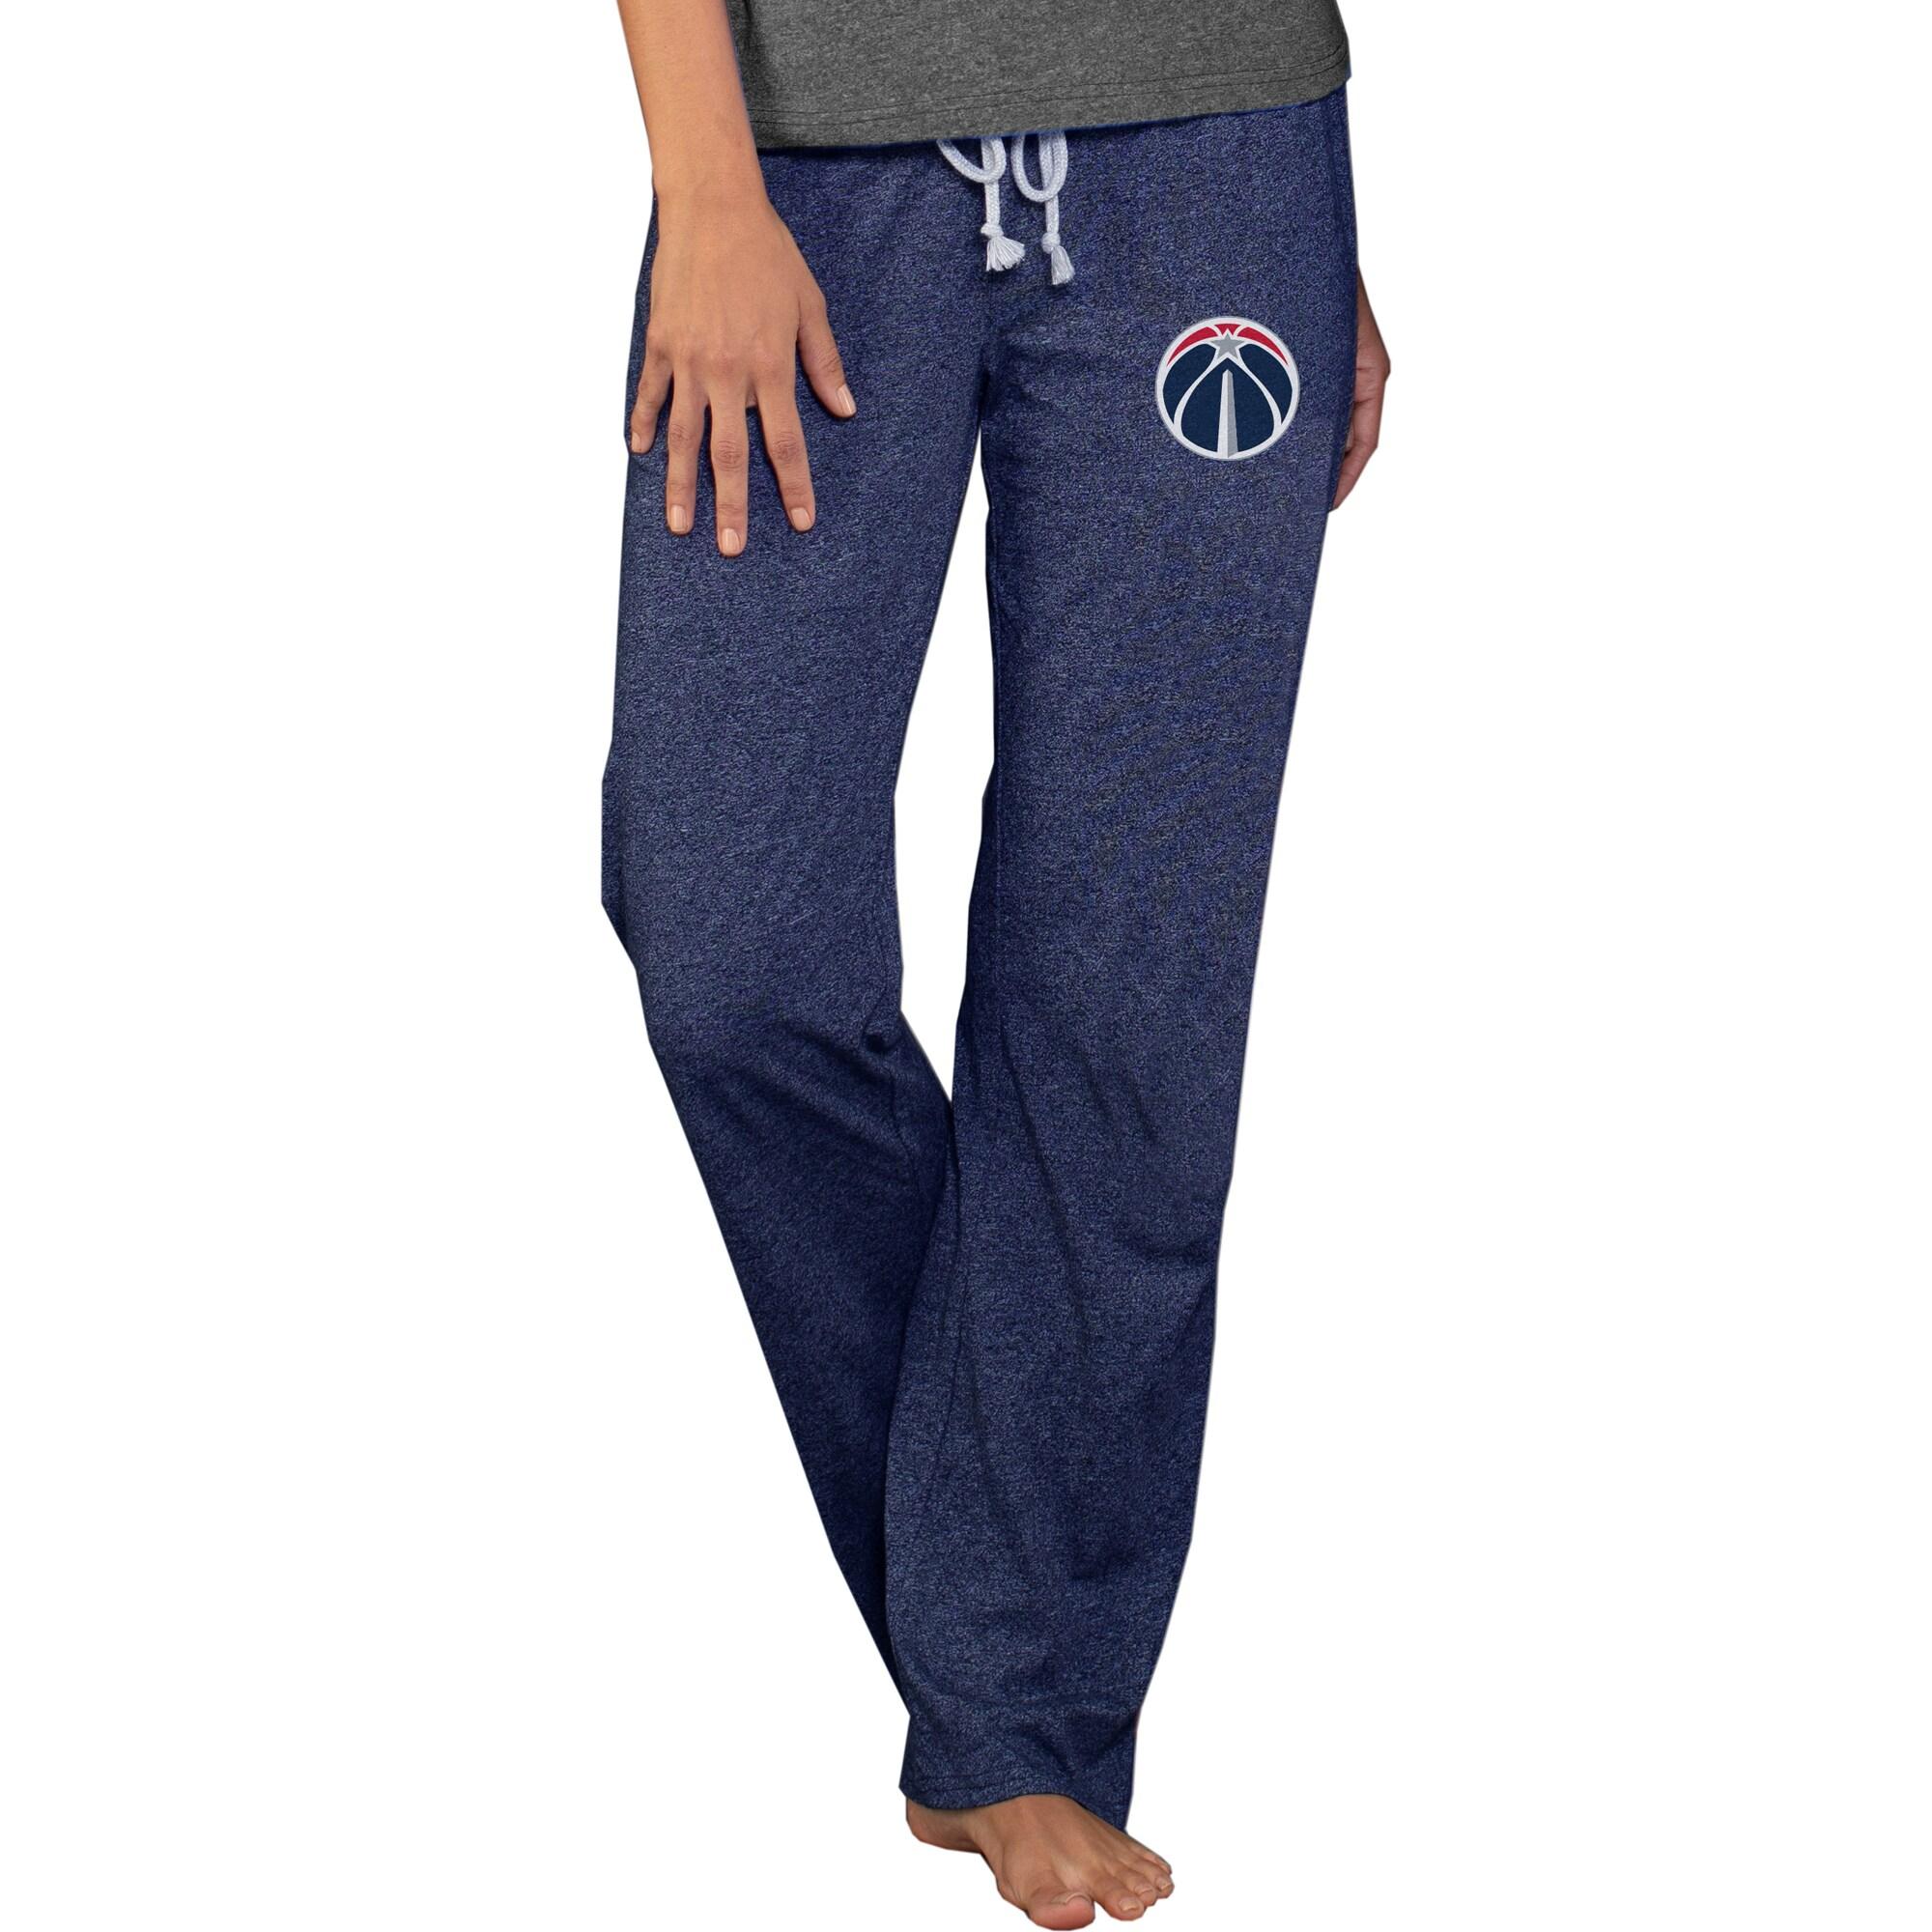 Washington Wizards Concepts Sport Women's Quest Knit Lounge Pants - Navy